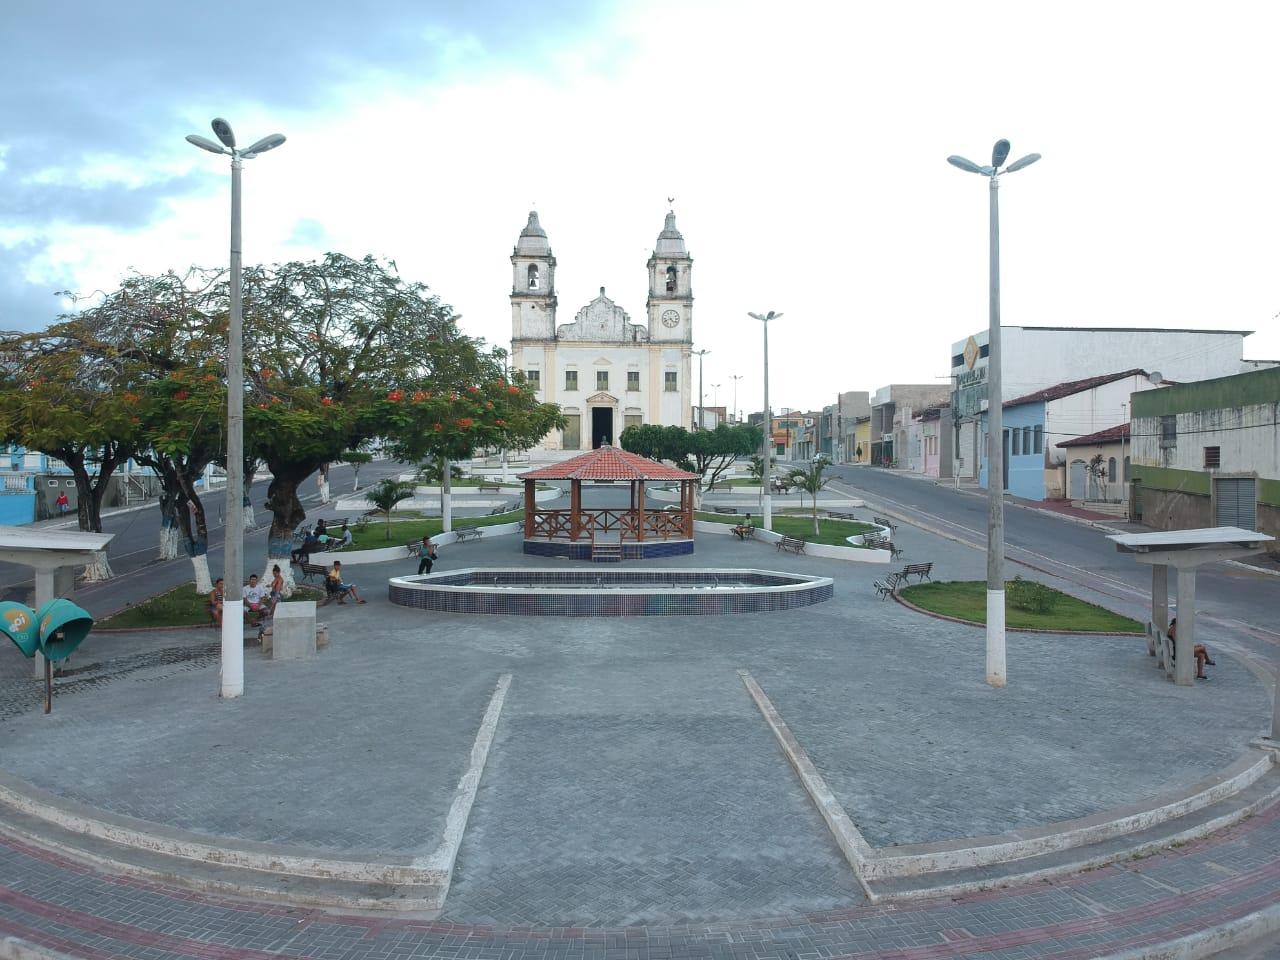 Maruim Sergipe fonte: imagens.f5news.com.br